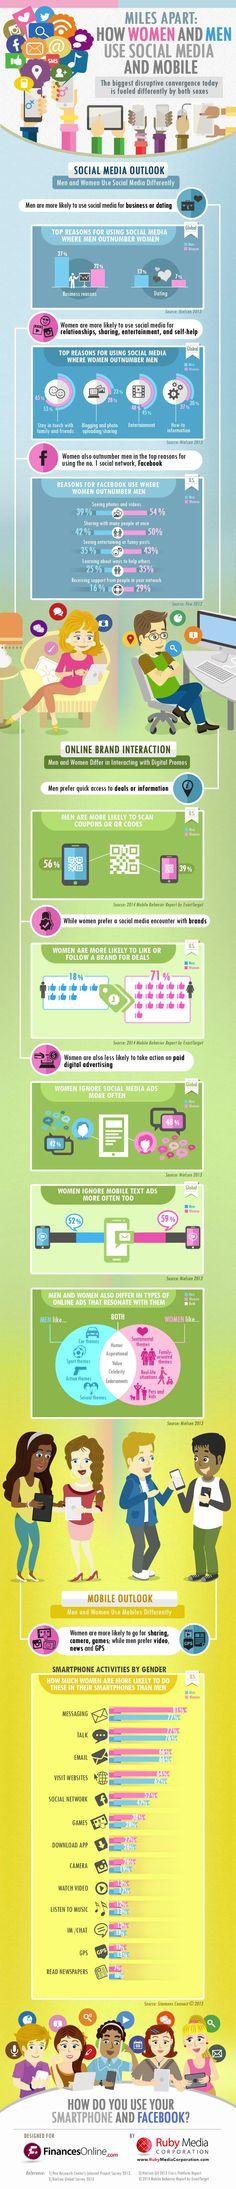 Mannen en vrouwen op social media- zoek de verschillen